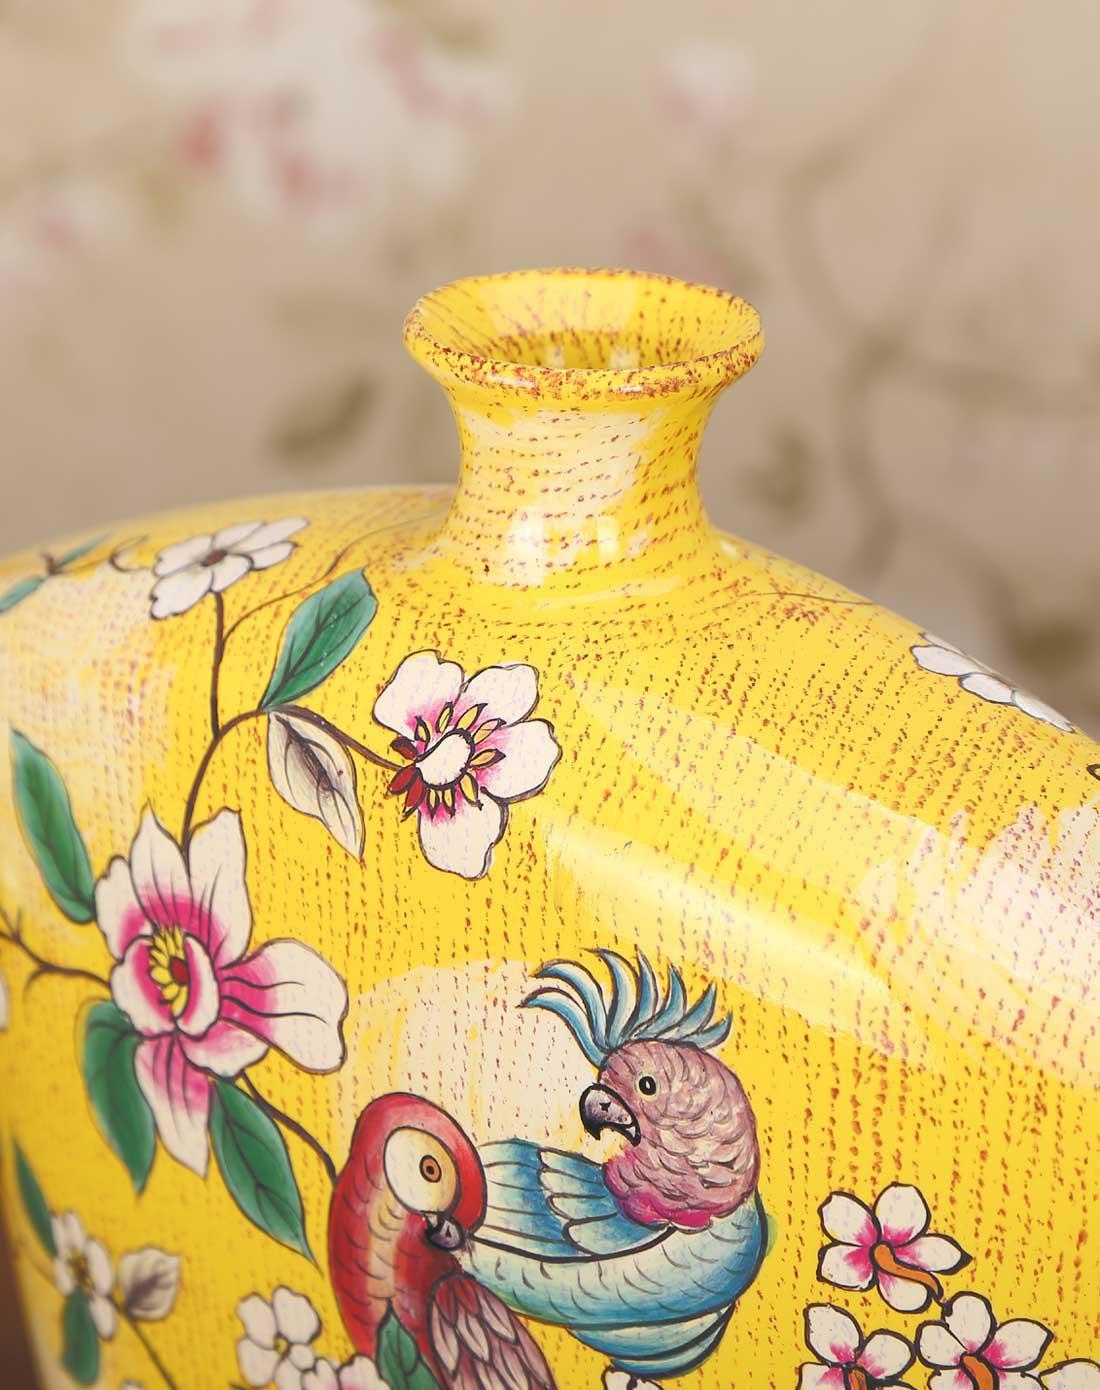 隽美家居用品专场欧式手绘鹦鹉系列摆饰花瓶组合